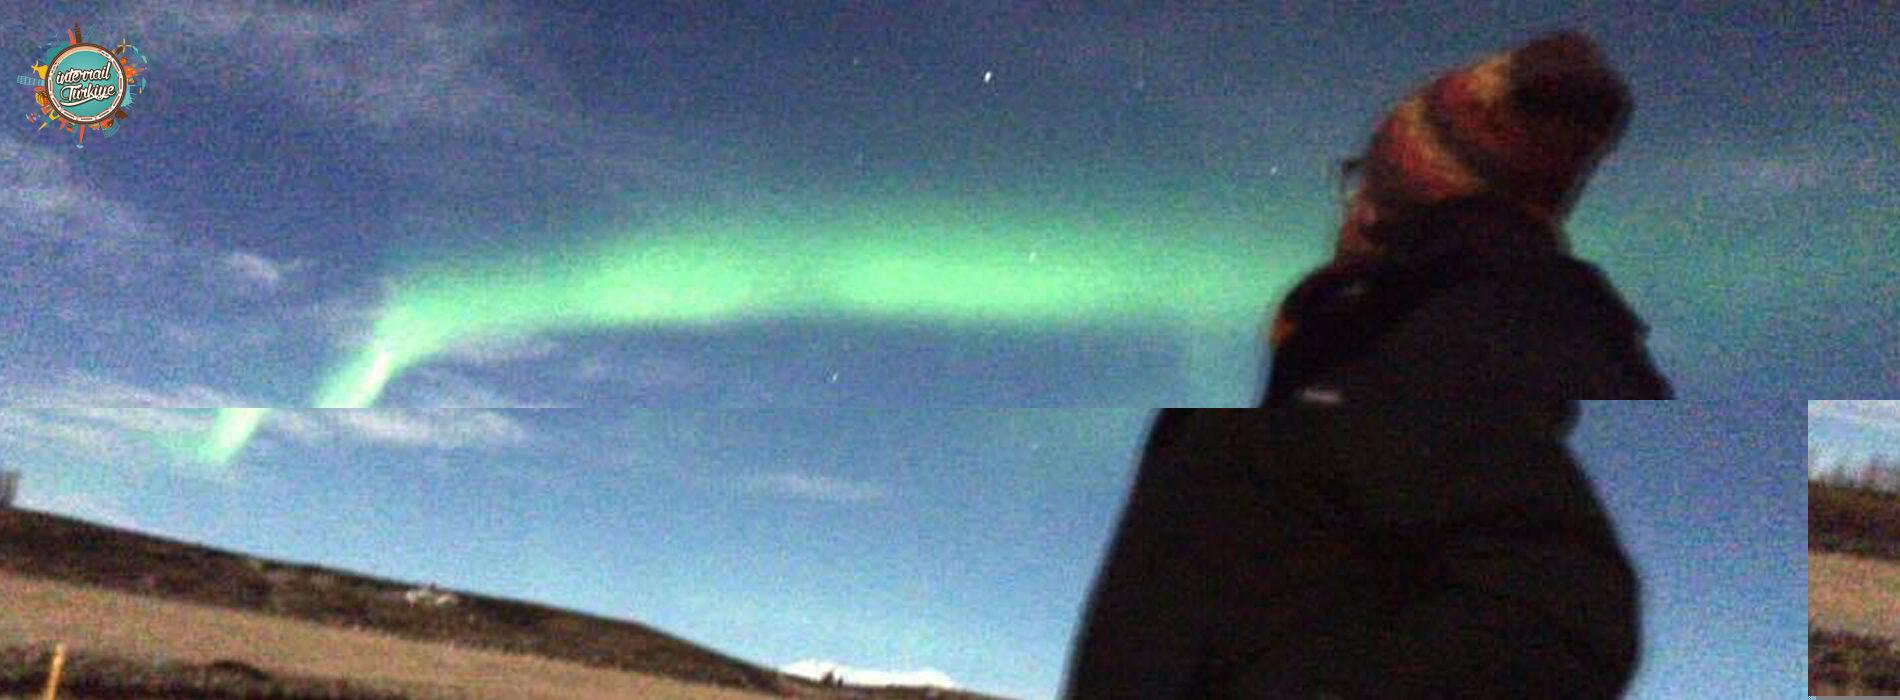 Bu bir kuzey ışıkları hikayesidir